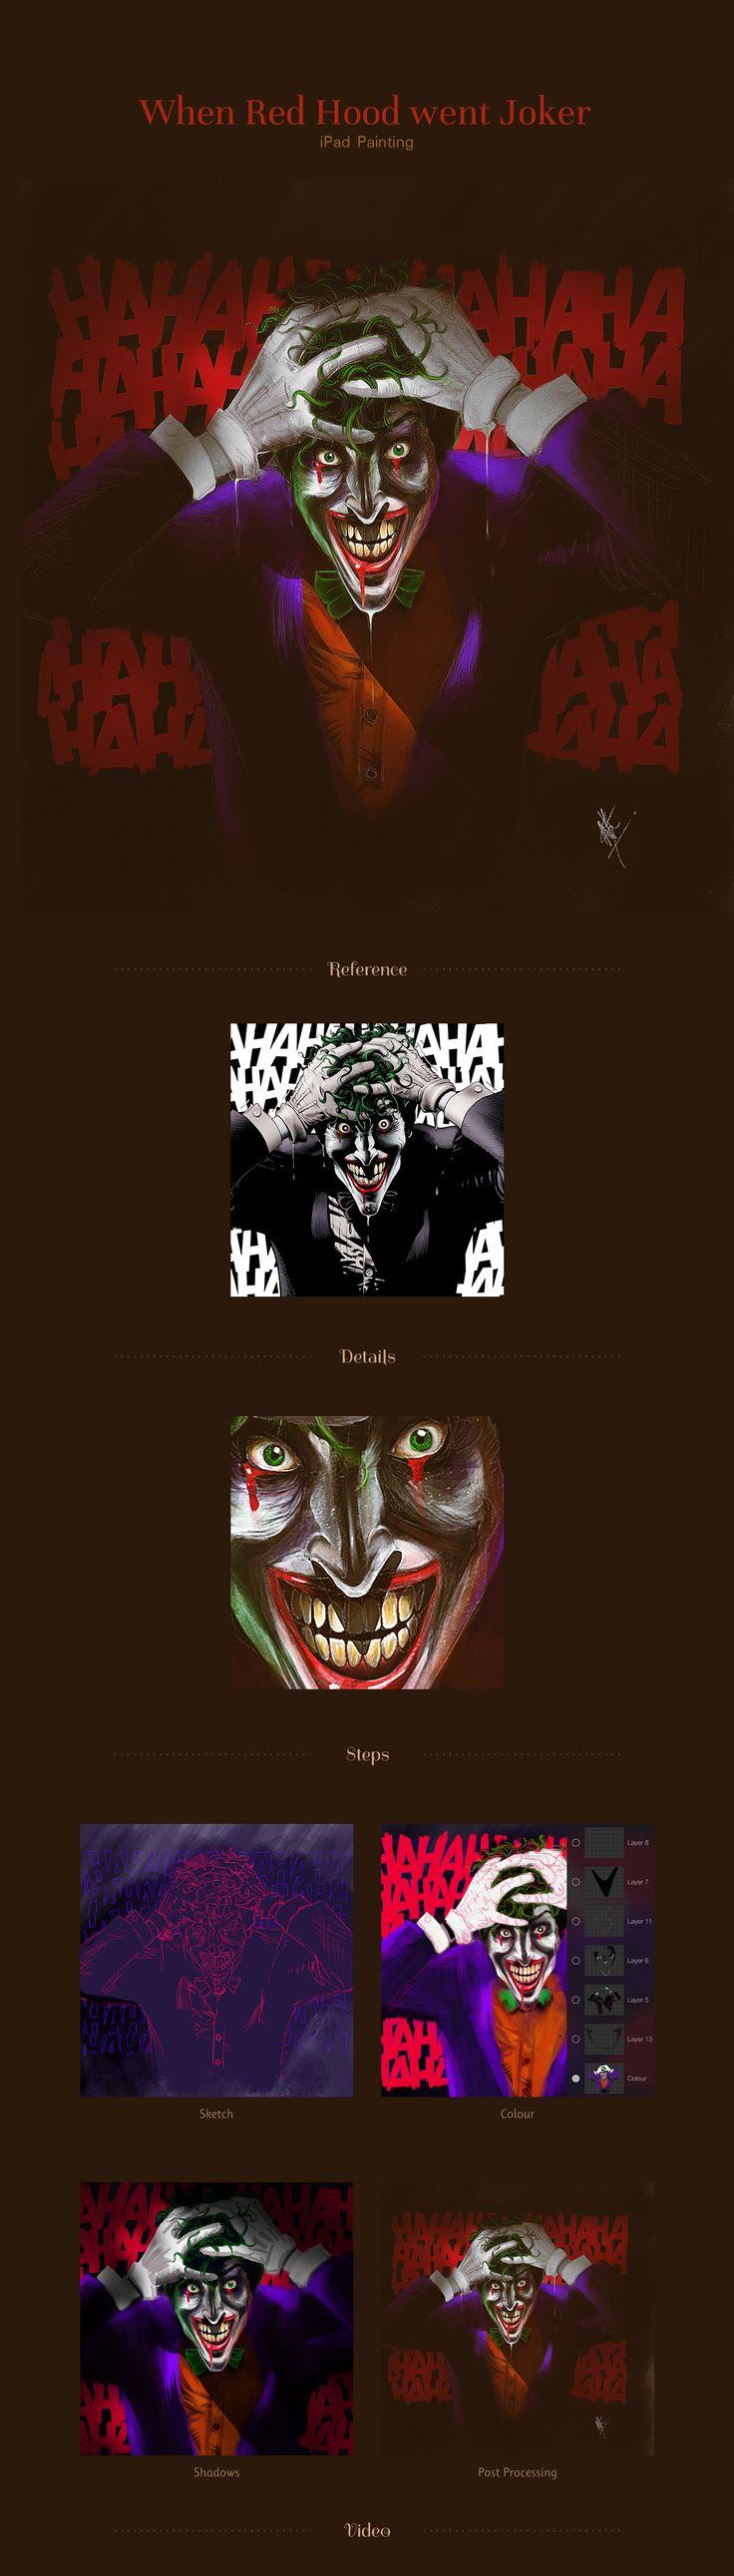 Red Hood Gone Joker - Illustration on Behance